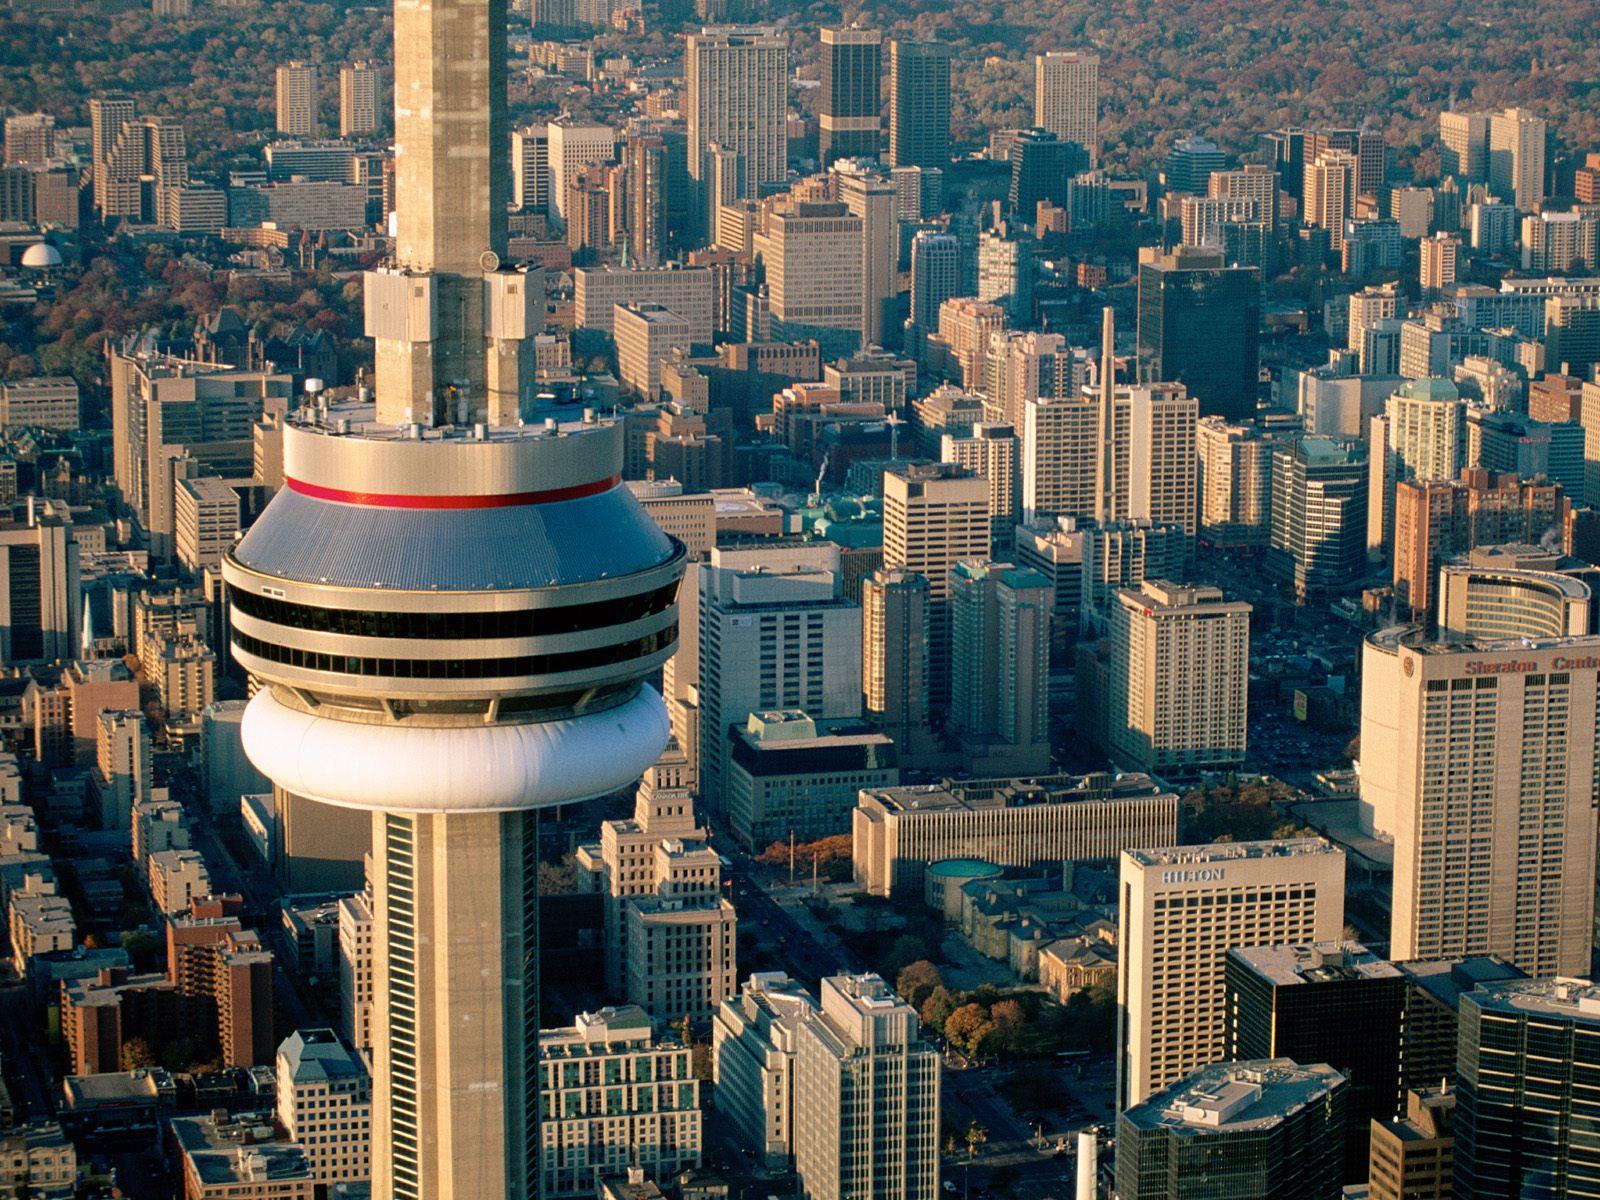 Record Shops, Dead Frogs & Niagara Falls